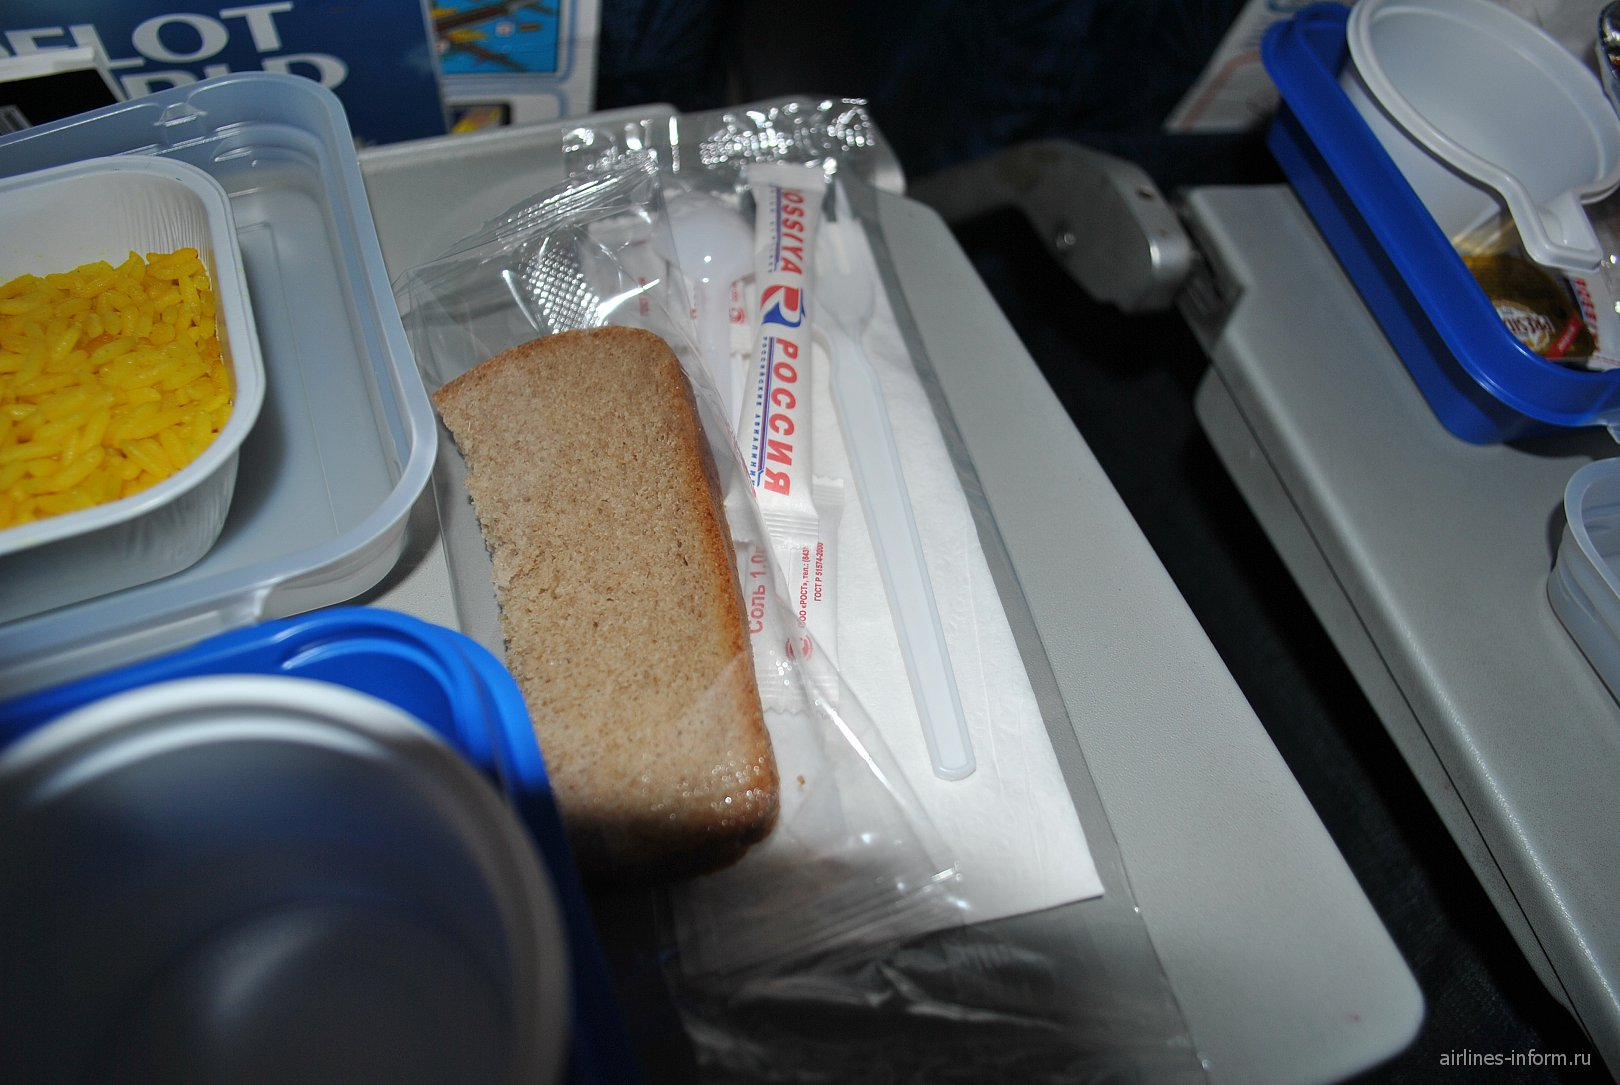 Питание на рейсе Красноярск-Санкт-Петербург авиакомпании Россия